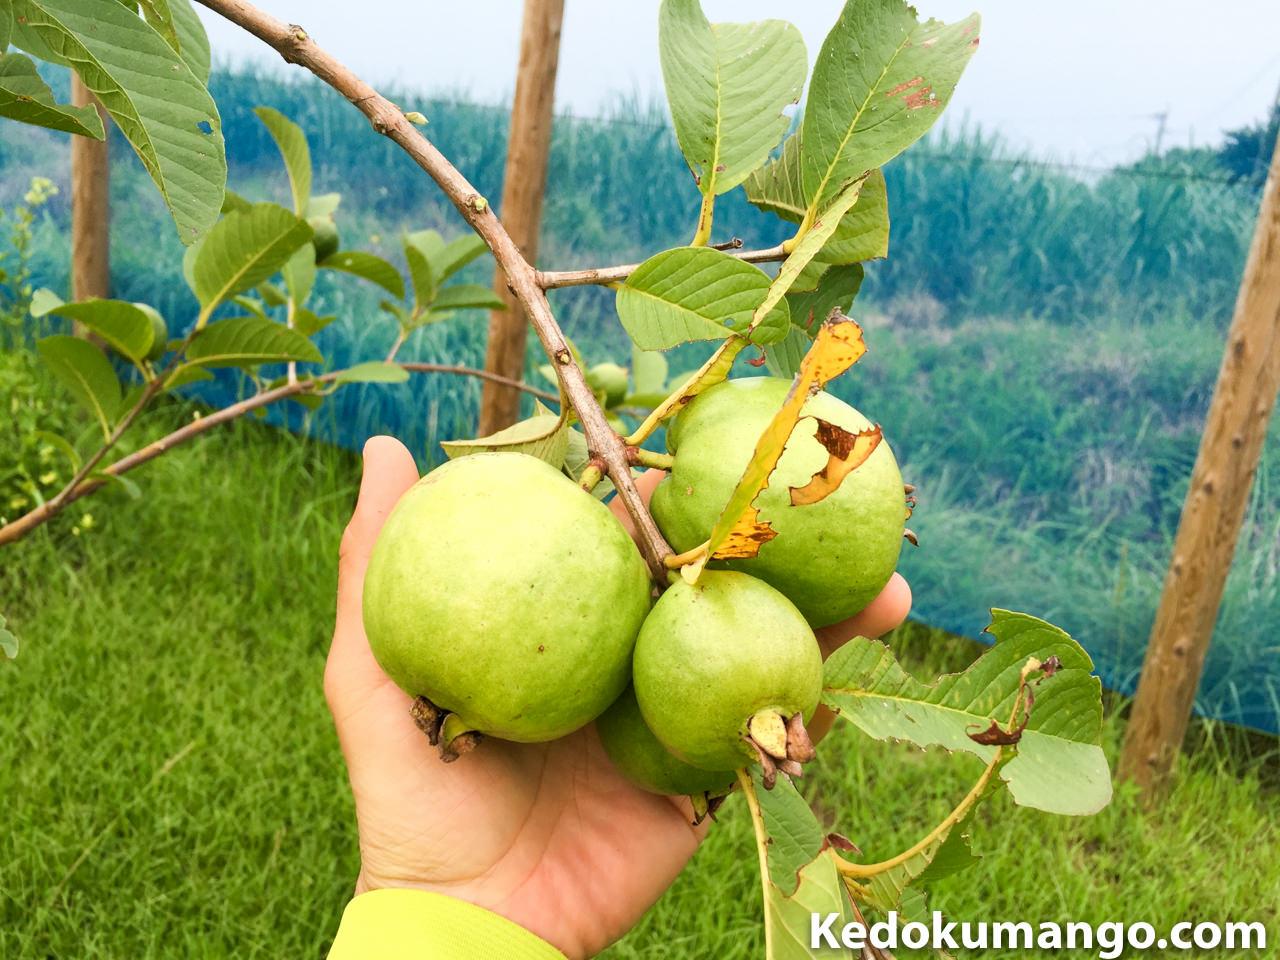 キンググアバの果実-2